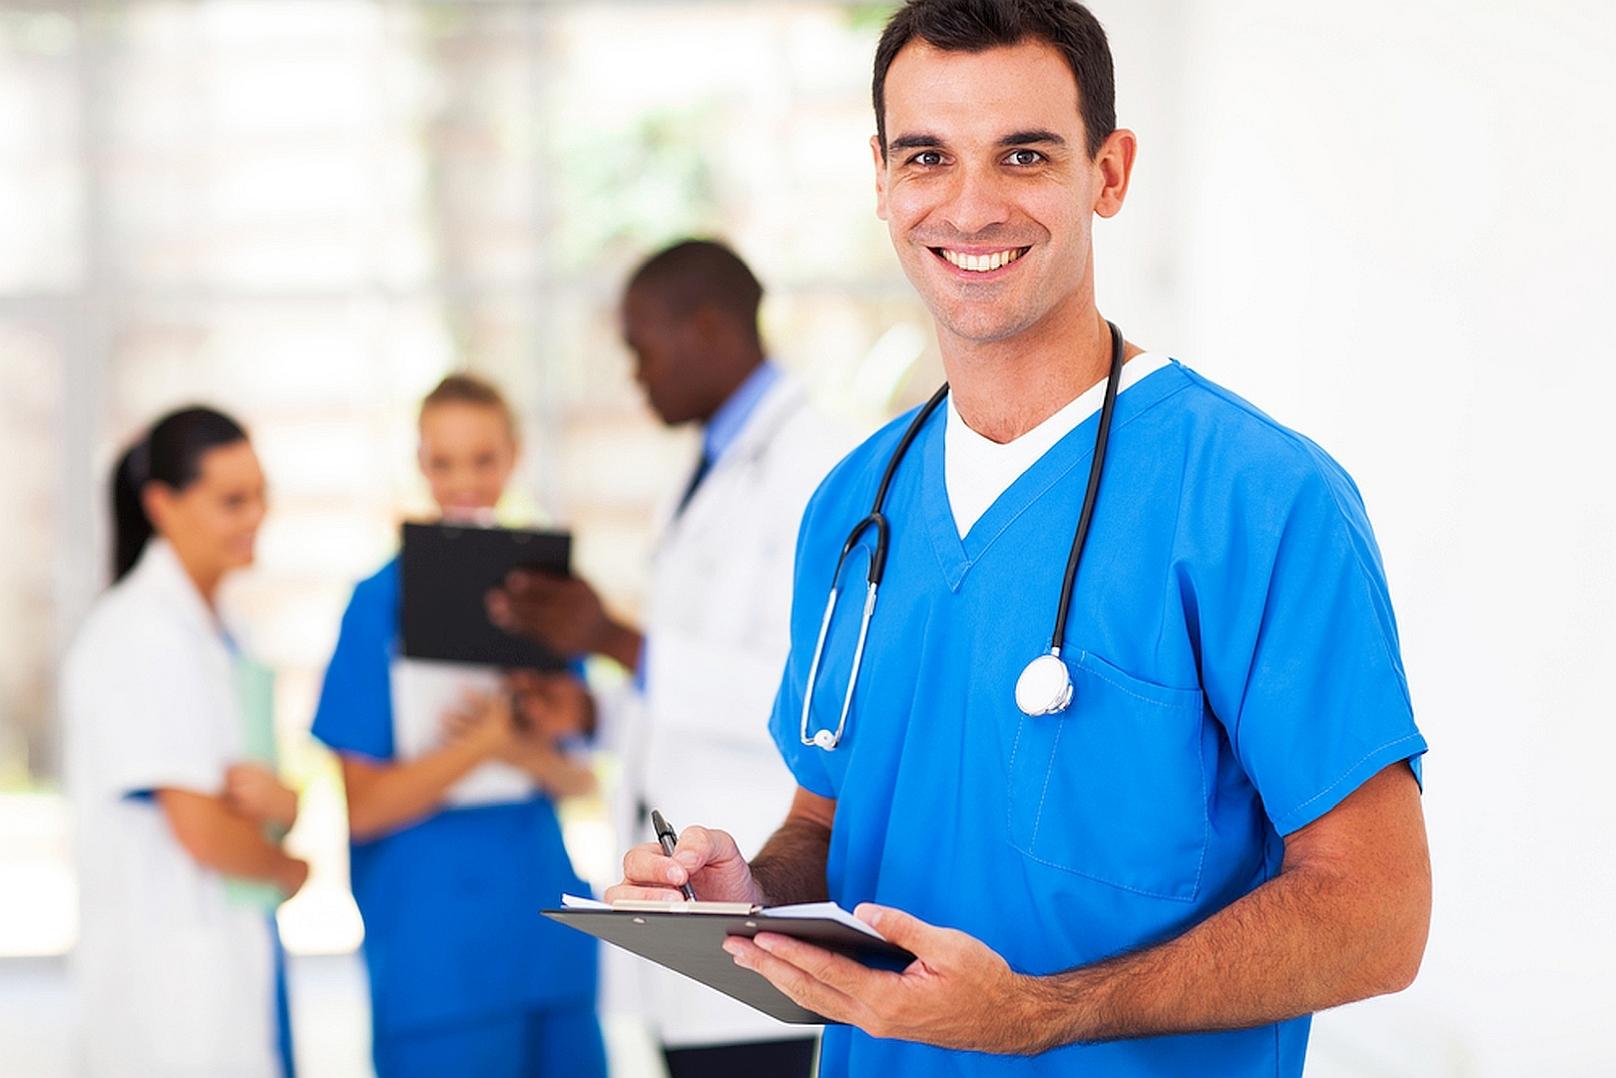 handsome medical doctor in hospital